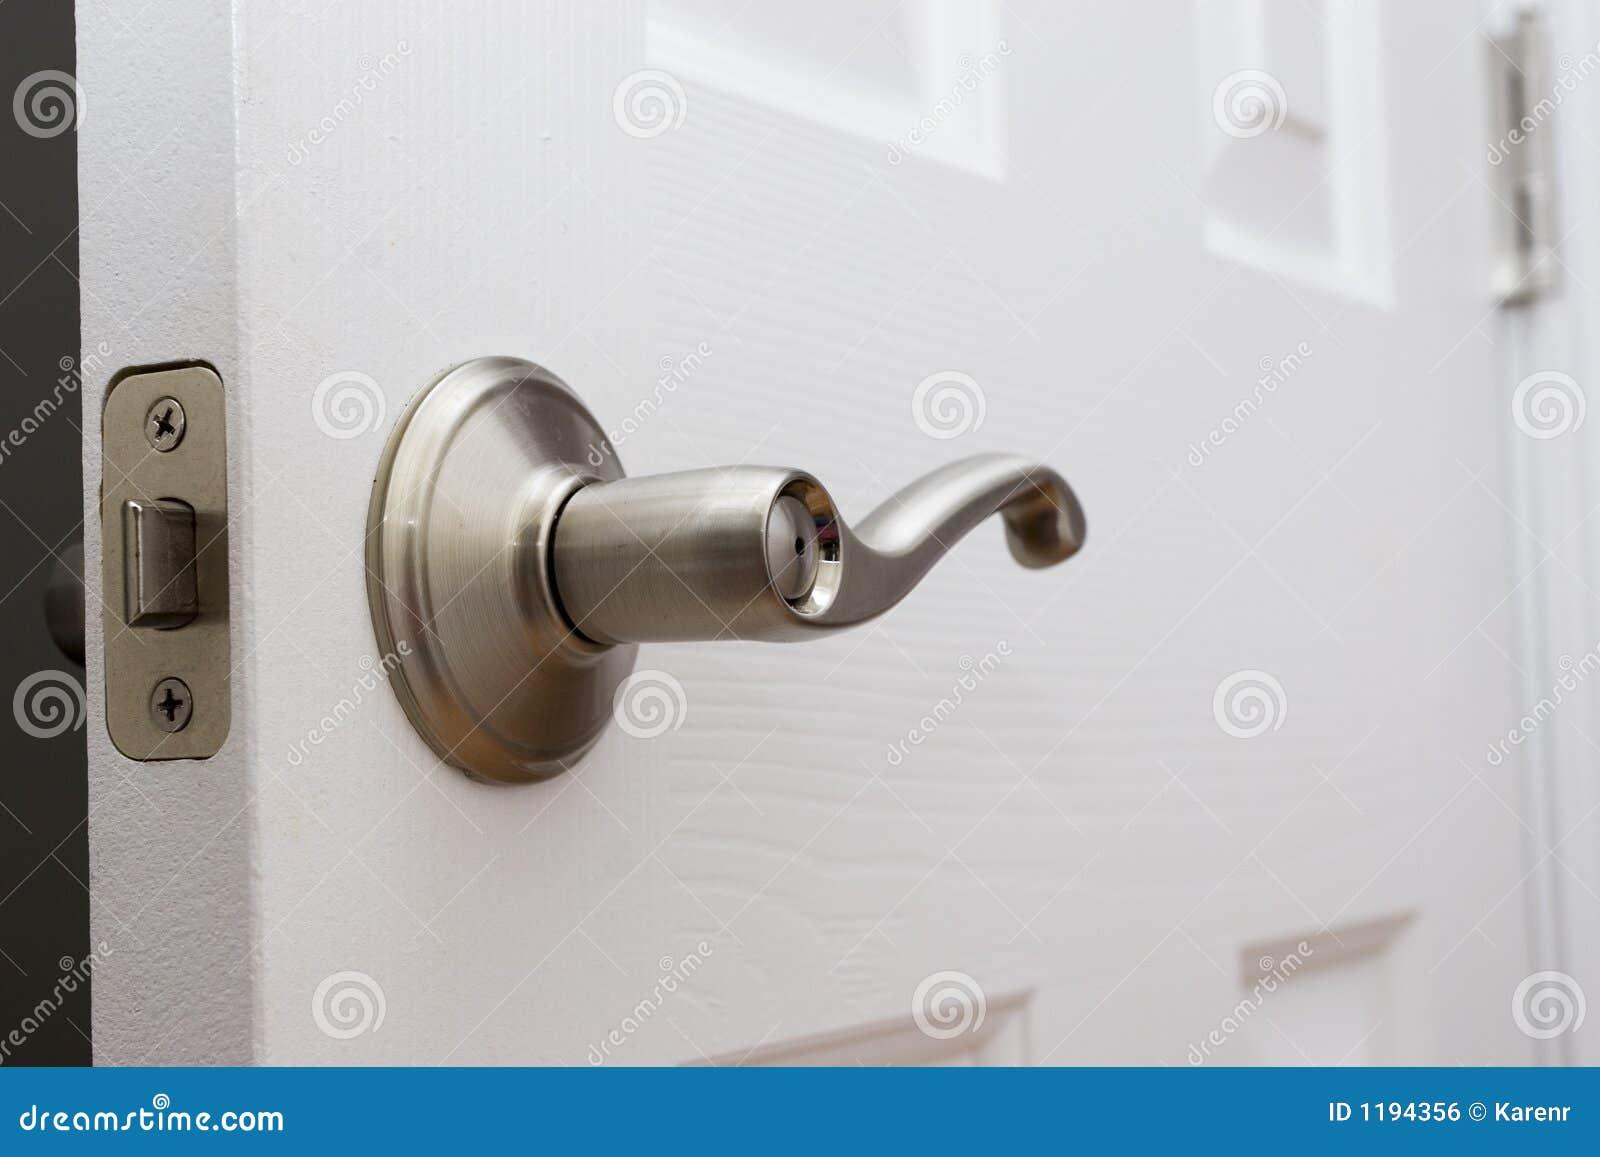 Klamki drzwi dźwigni